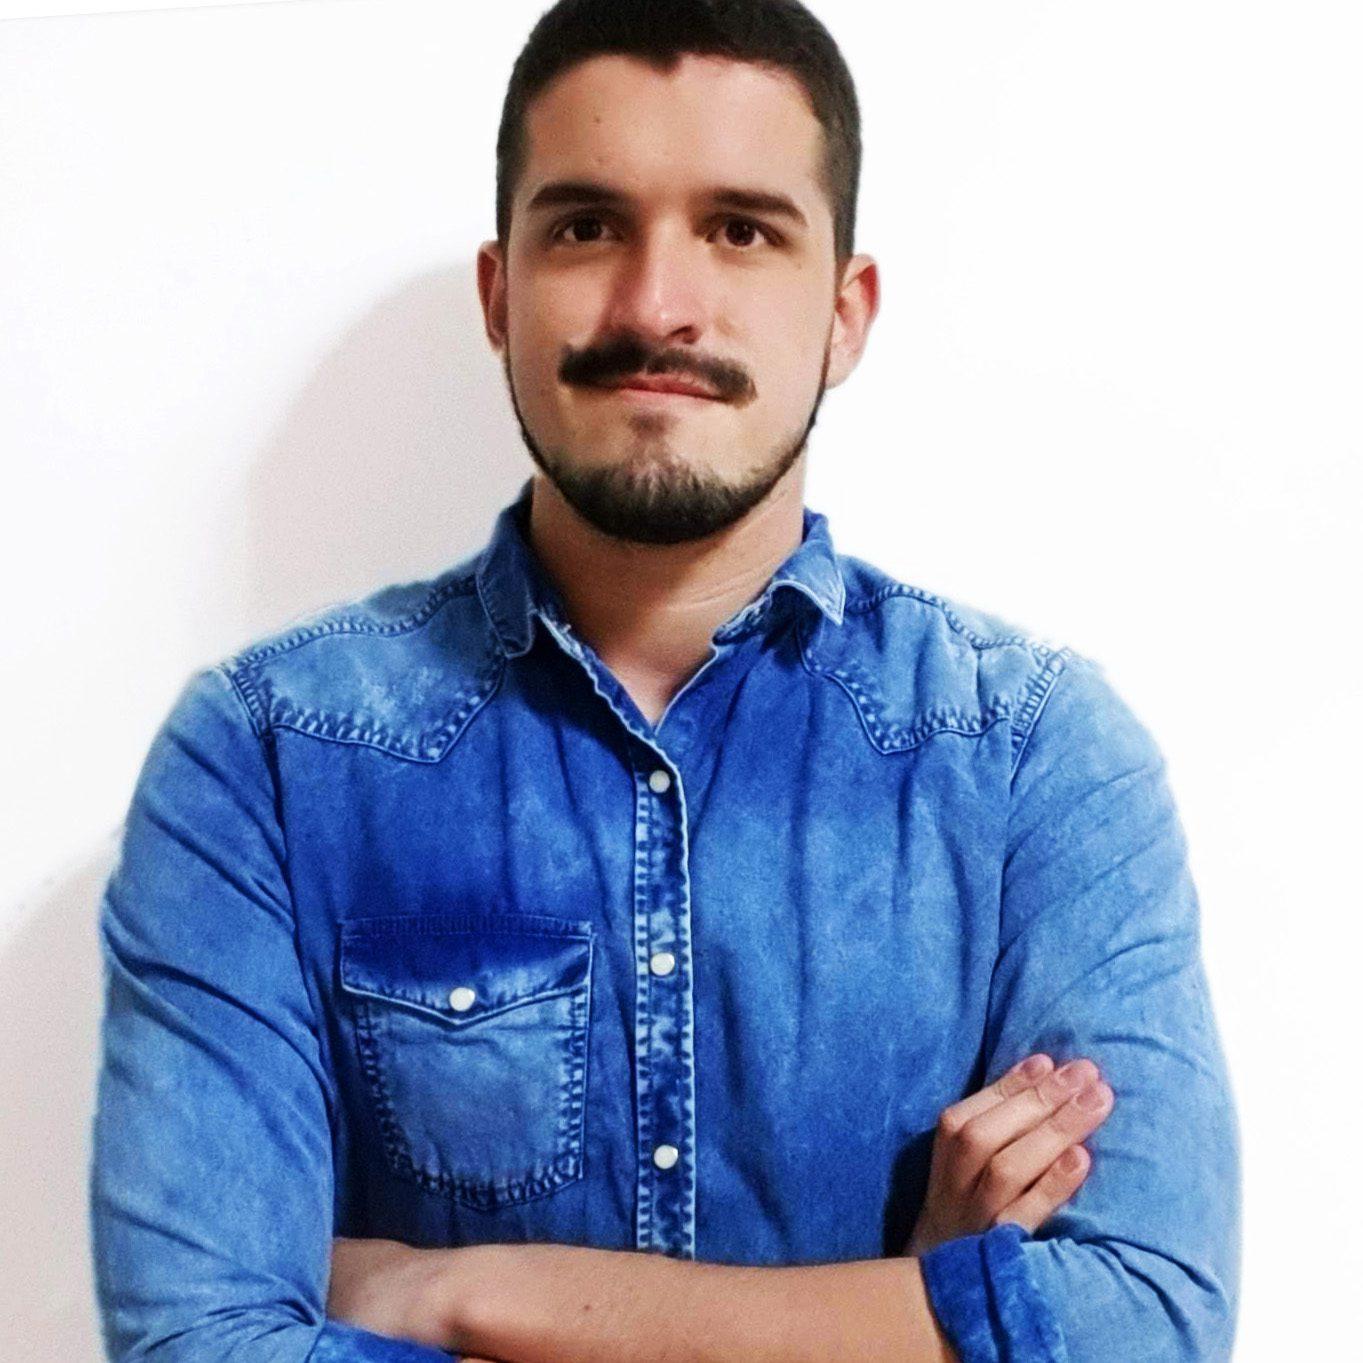 Daniel Peres Lins